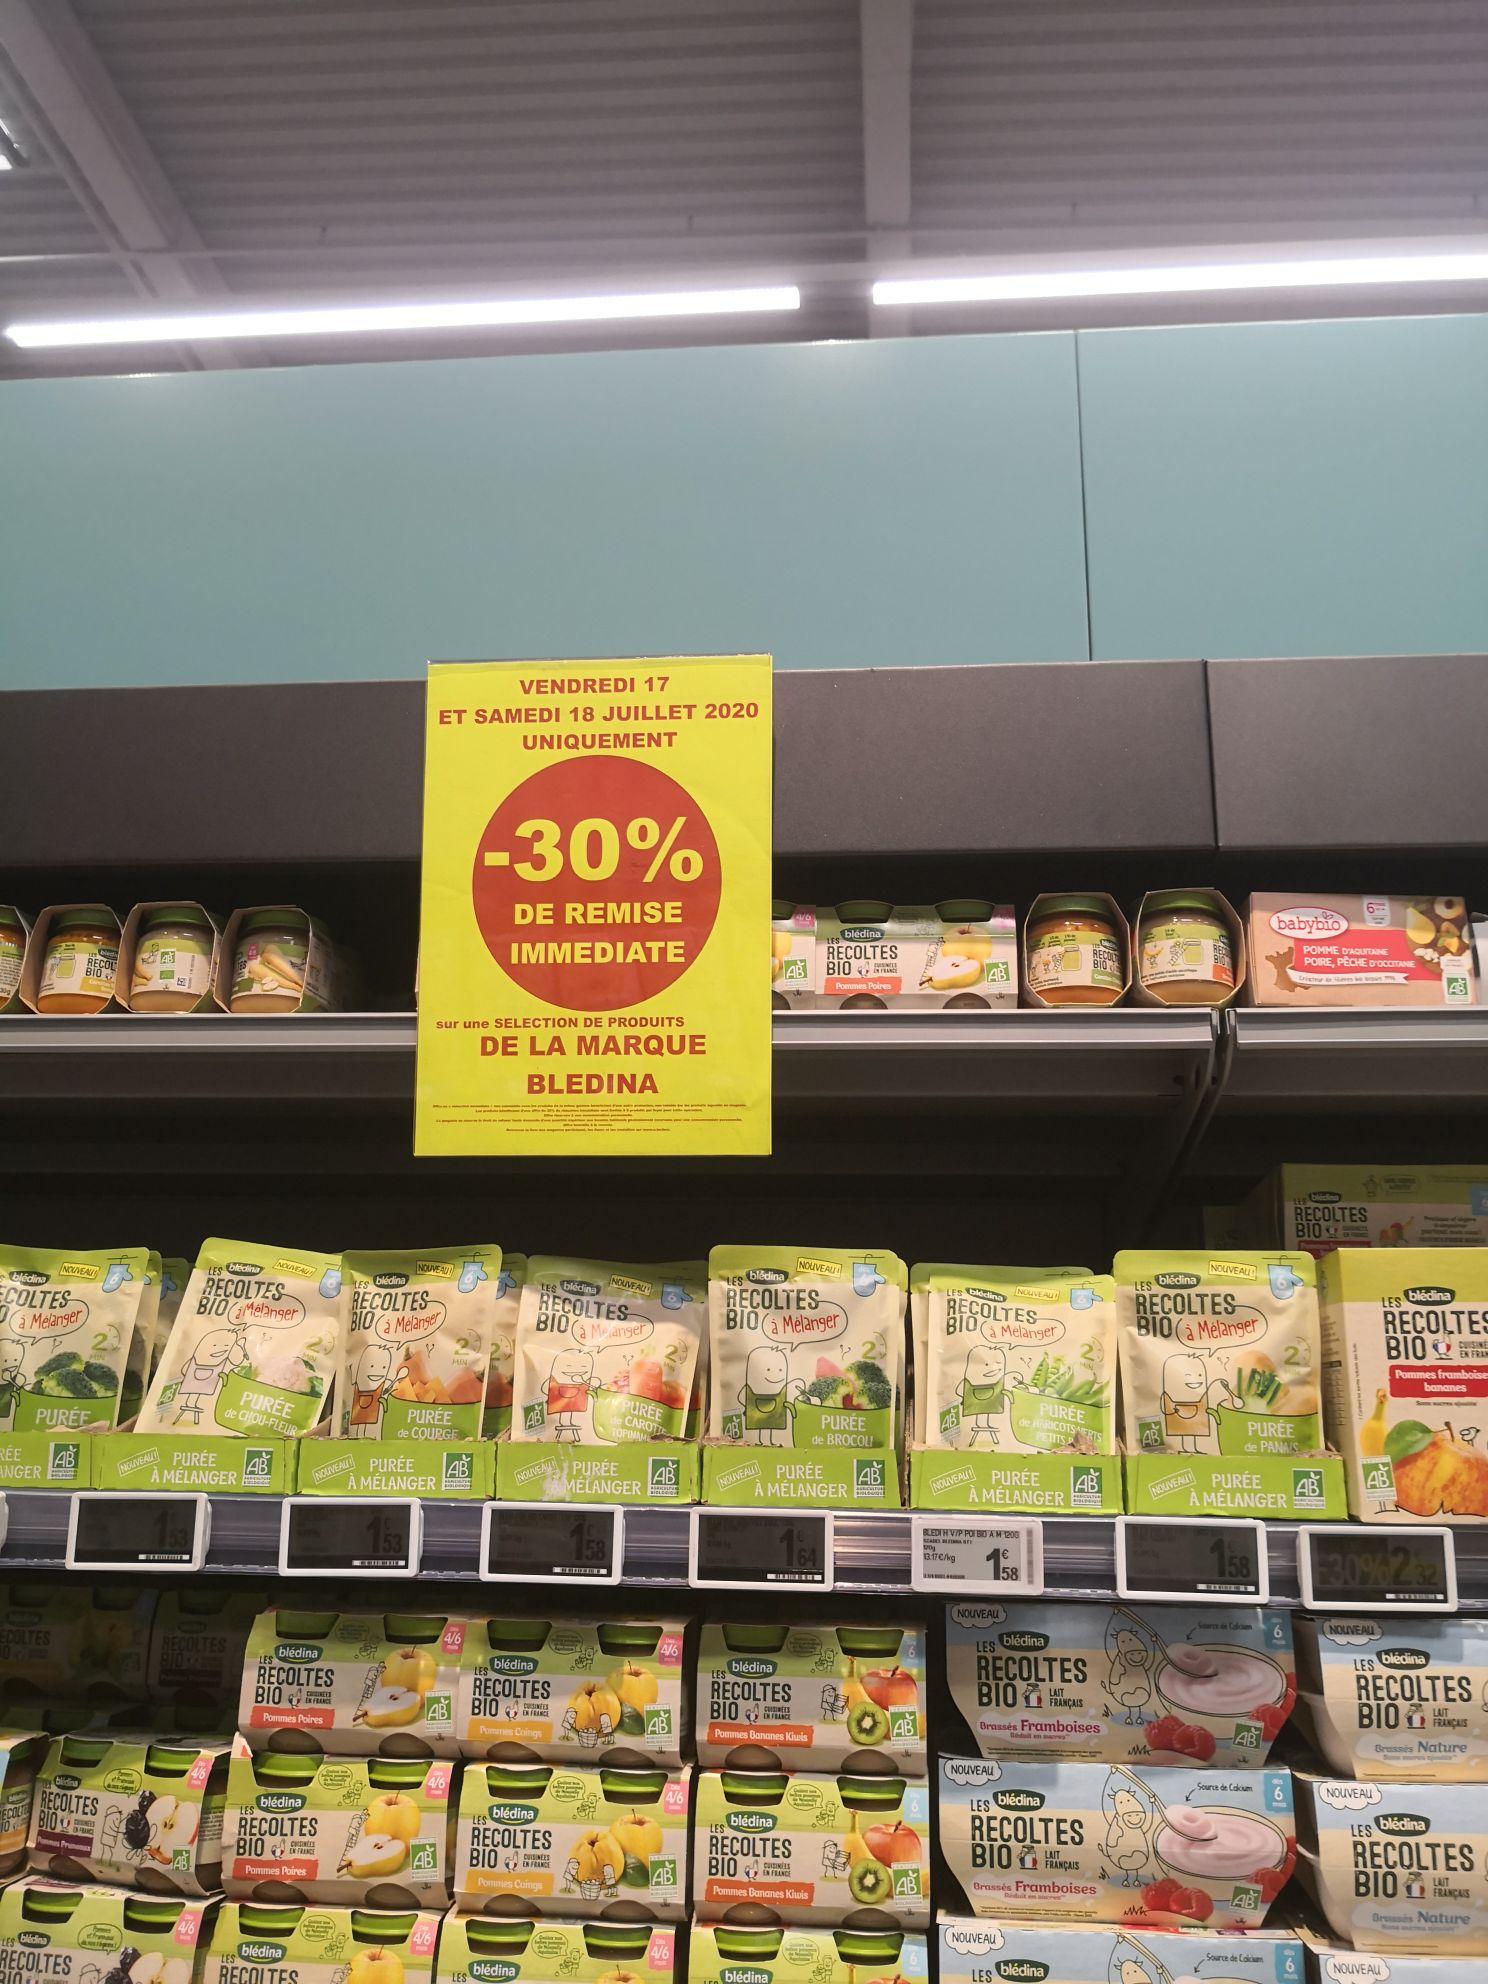 30% de remise sur une sélection de produits de la marque Bledina - Thionville (57)